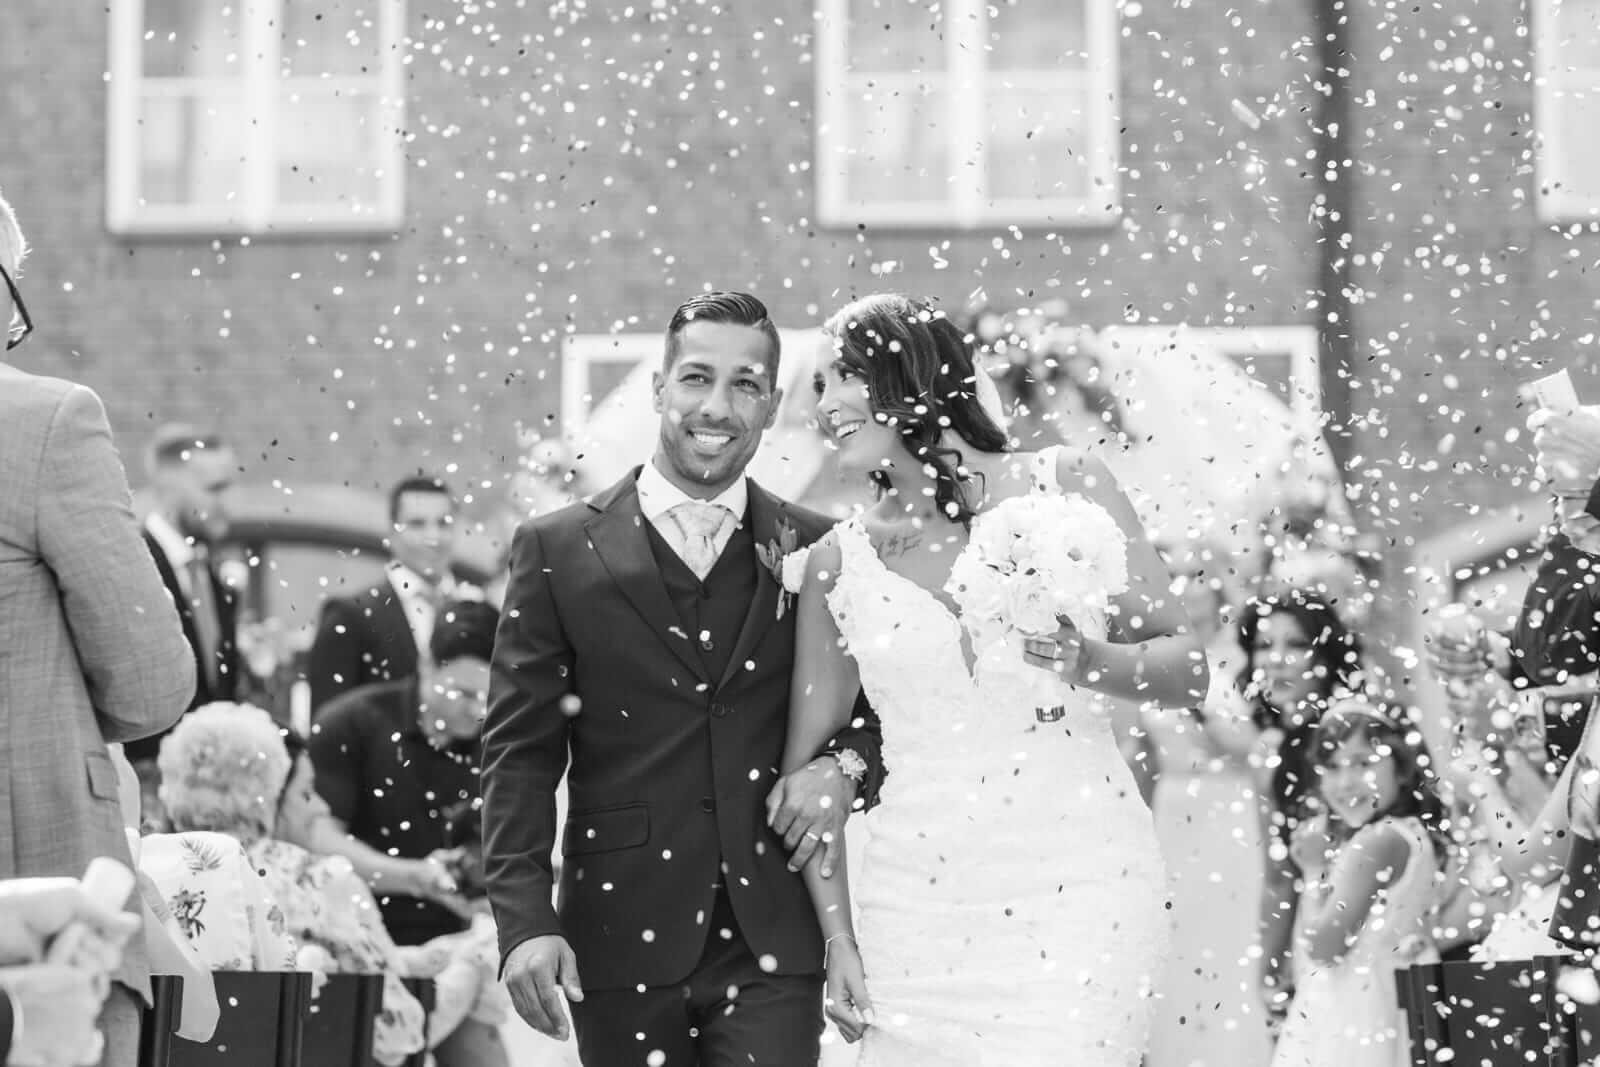 Vackert bröllops par från Linköping som valde CakeByMelina för bröllopstårta